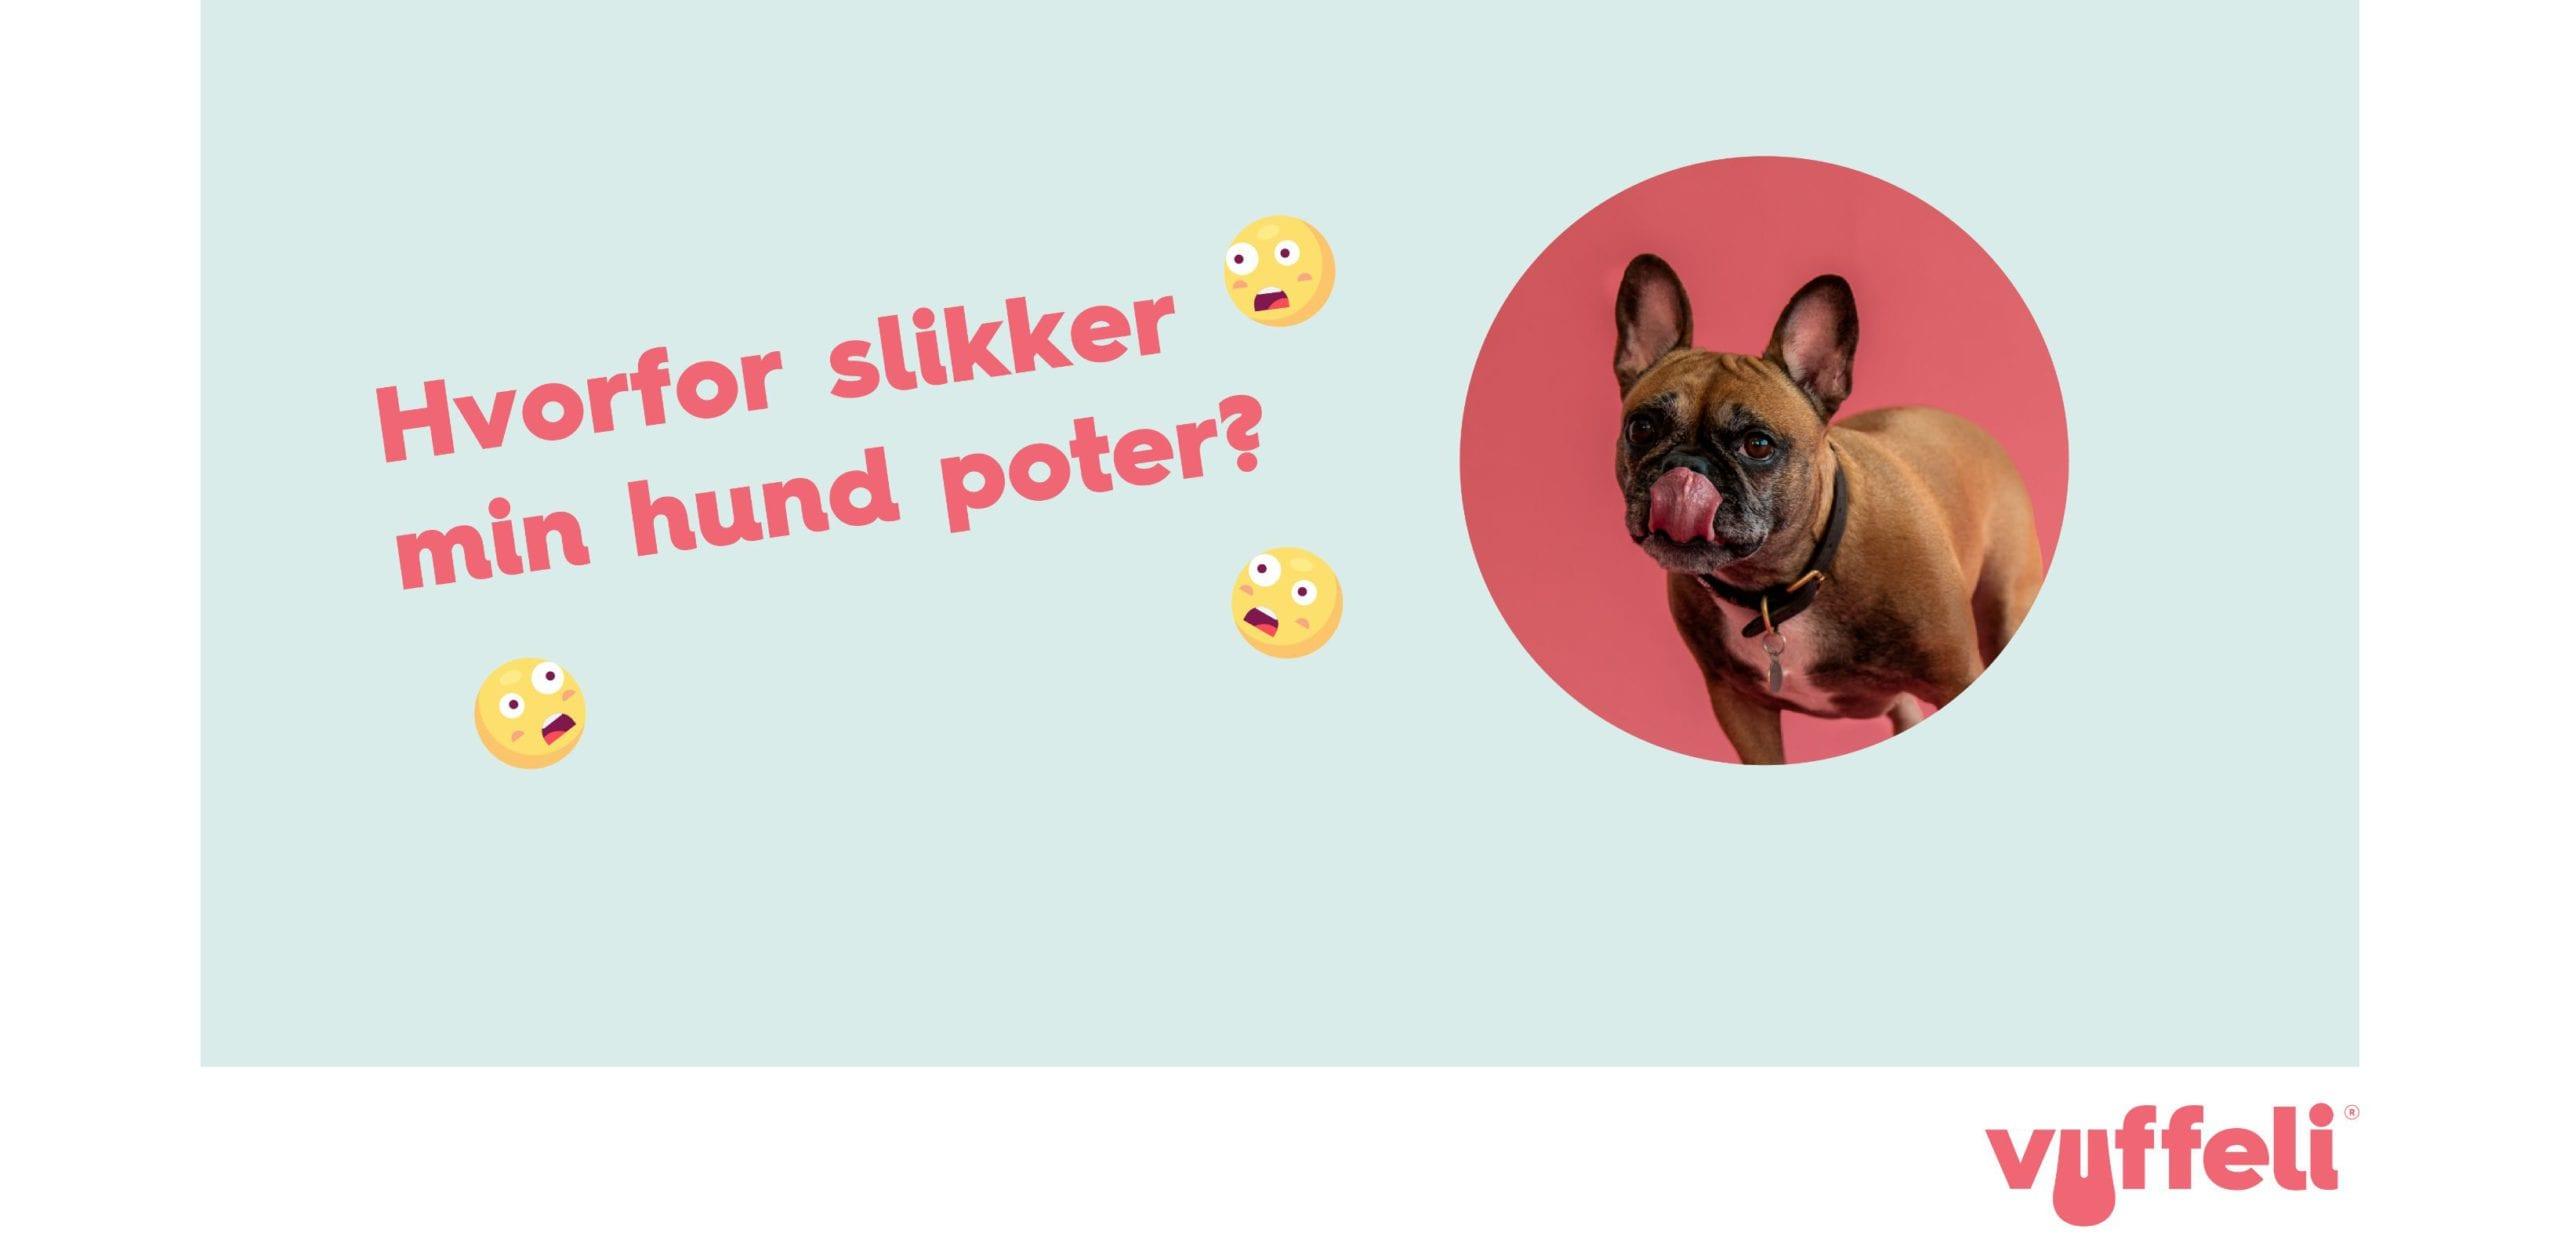 hvorfor slikker en hund sin ejer